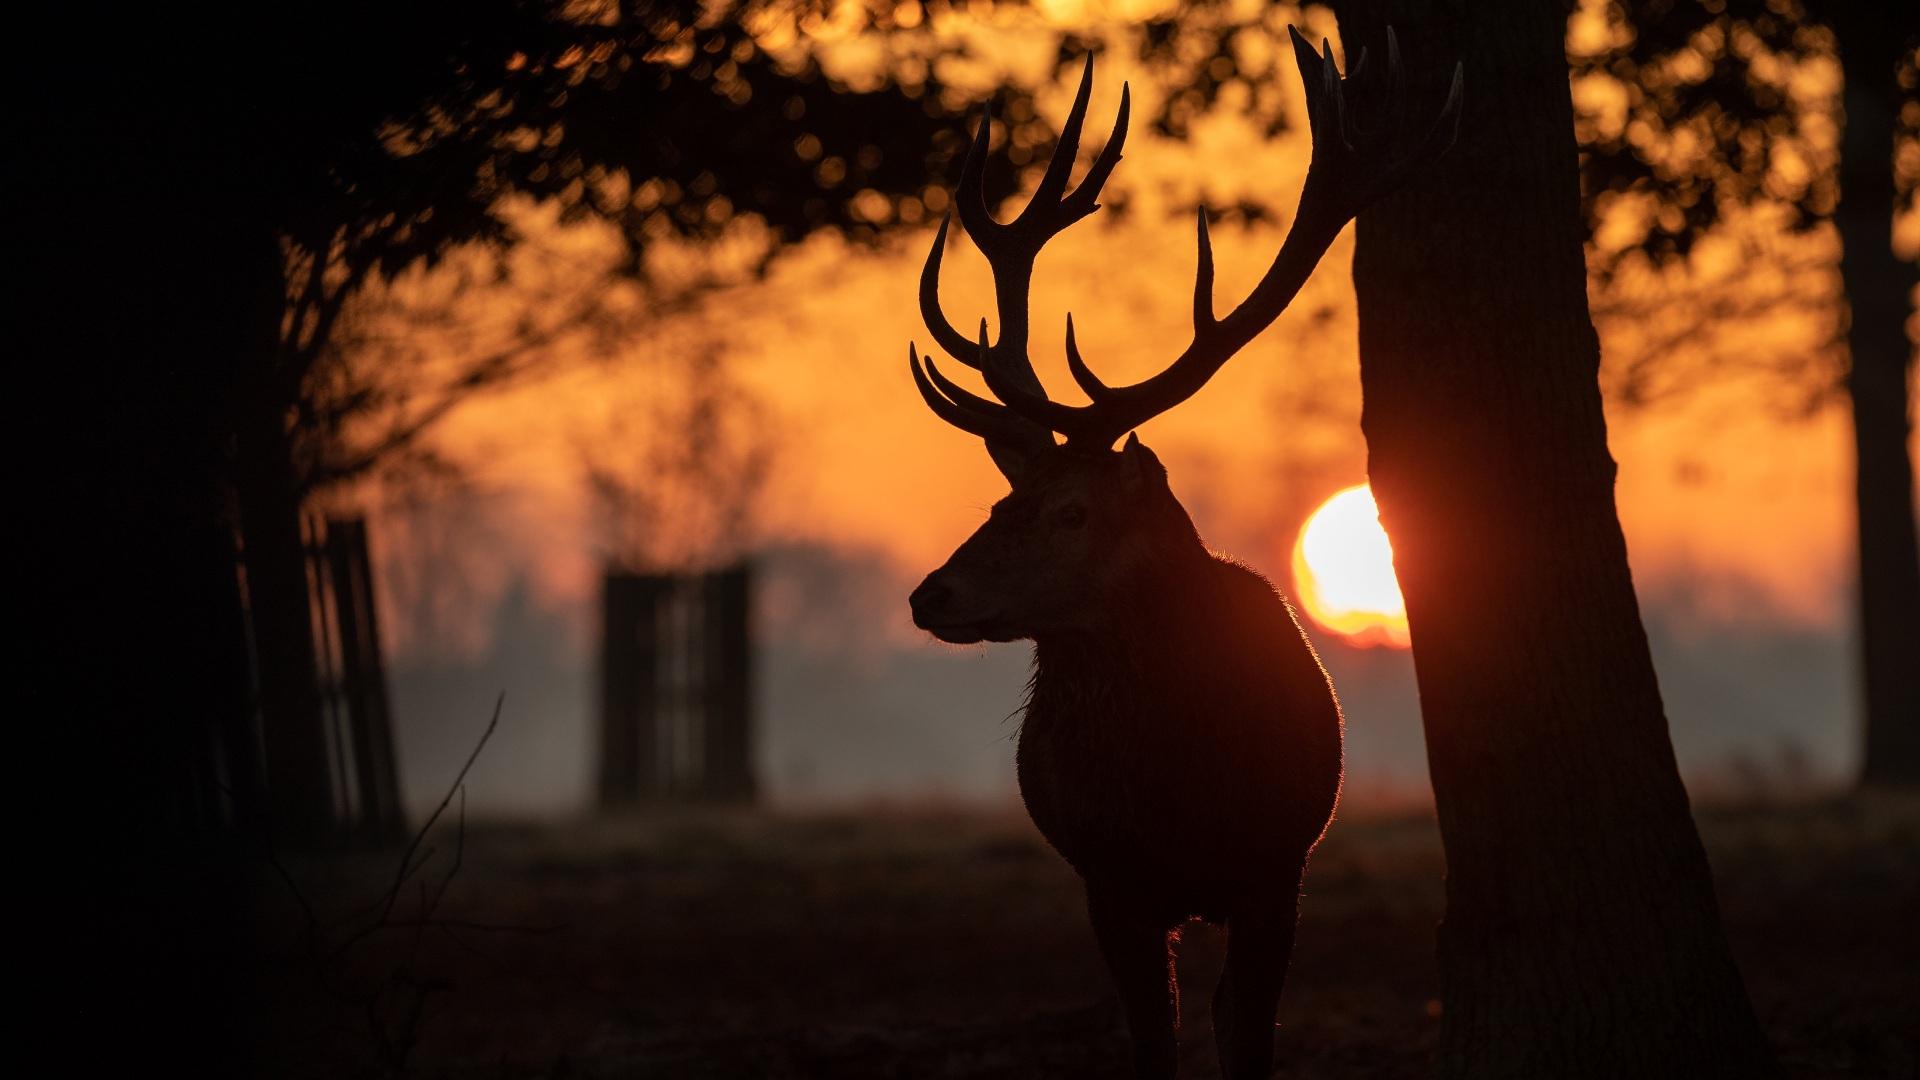 Картинка Олени Рога Силуэт Солнце рассвет и закат Животные 1920x1080 силуэты силуэта с рогами солнца Рассветы и закаты животное